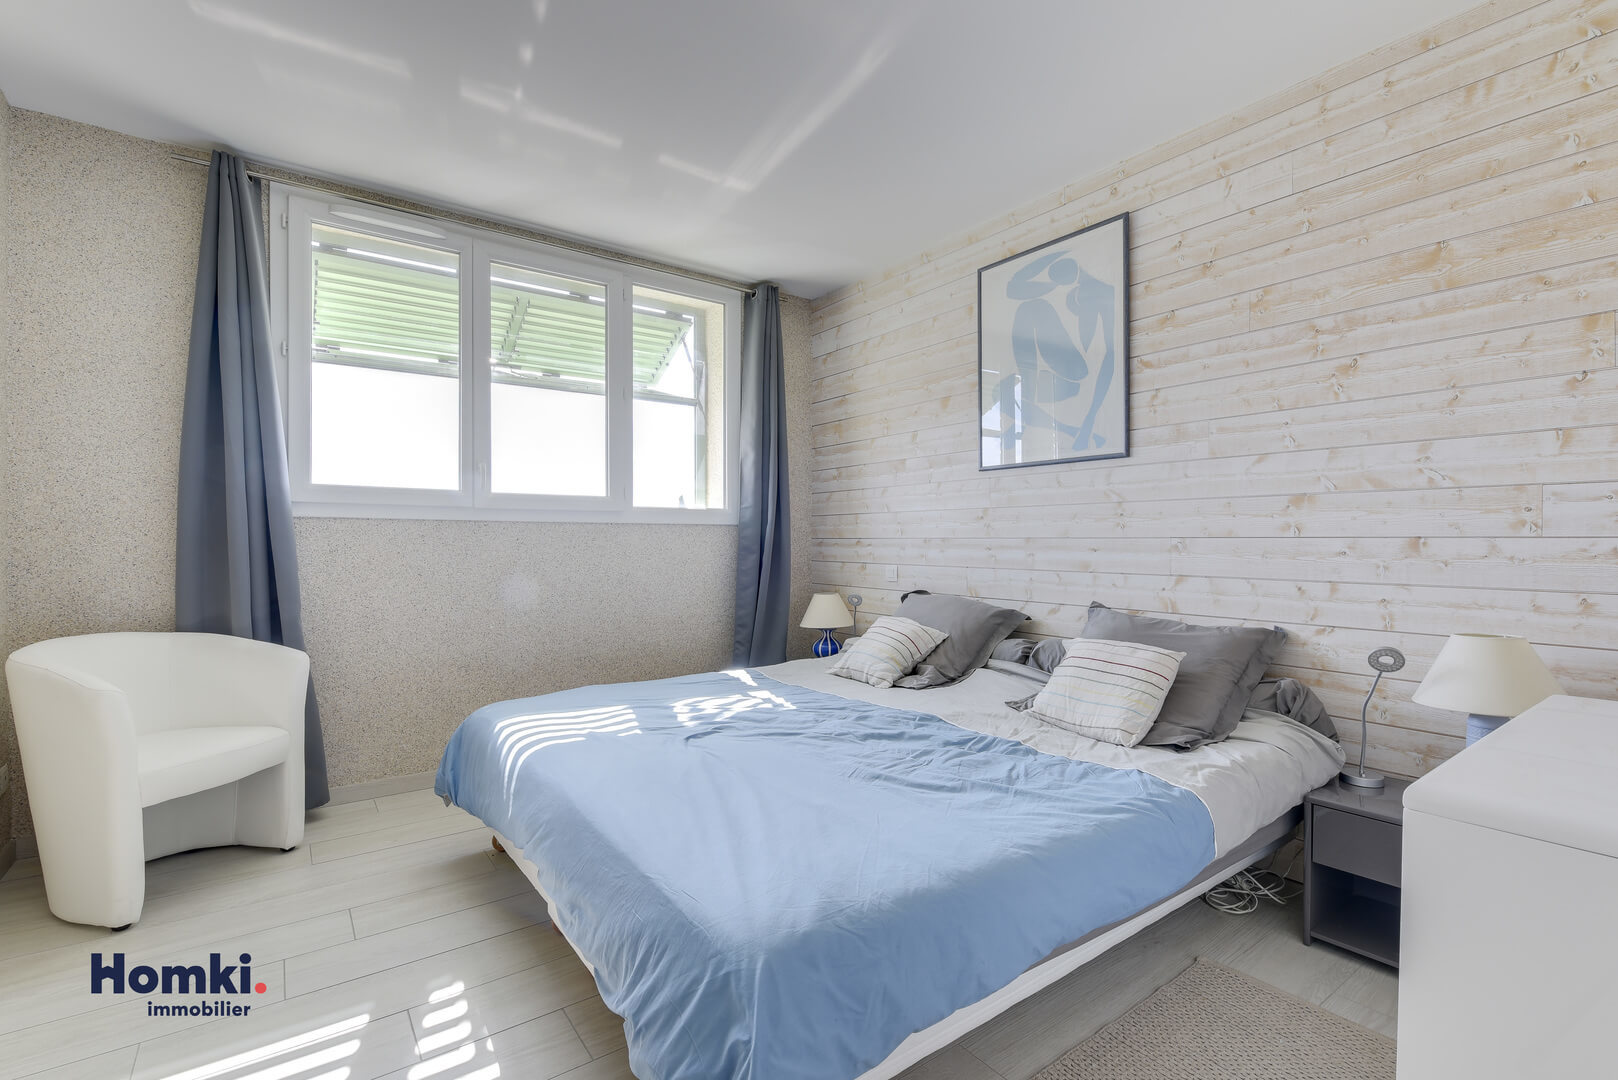 Vente Appartement 84m² T3 34300_6